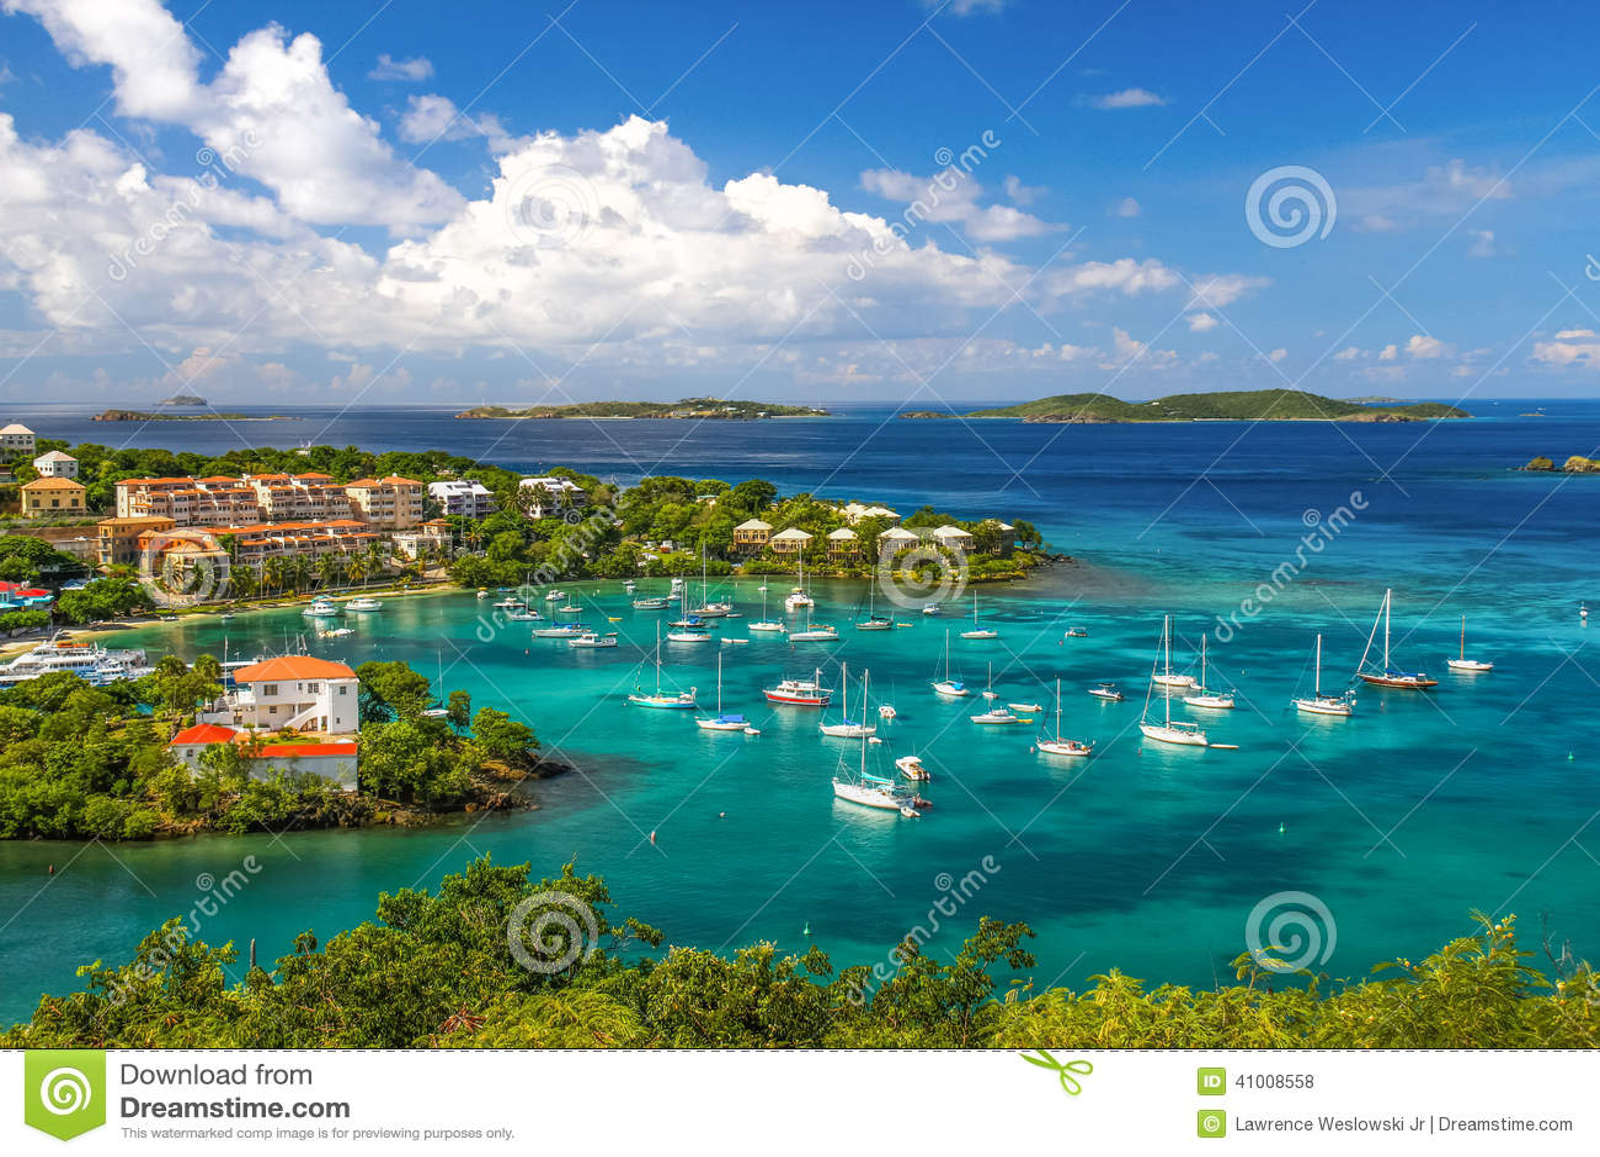 St. John, USVI - Beautiful Cruz Bay